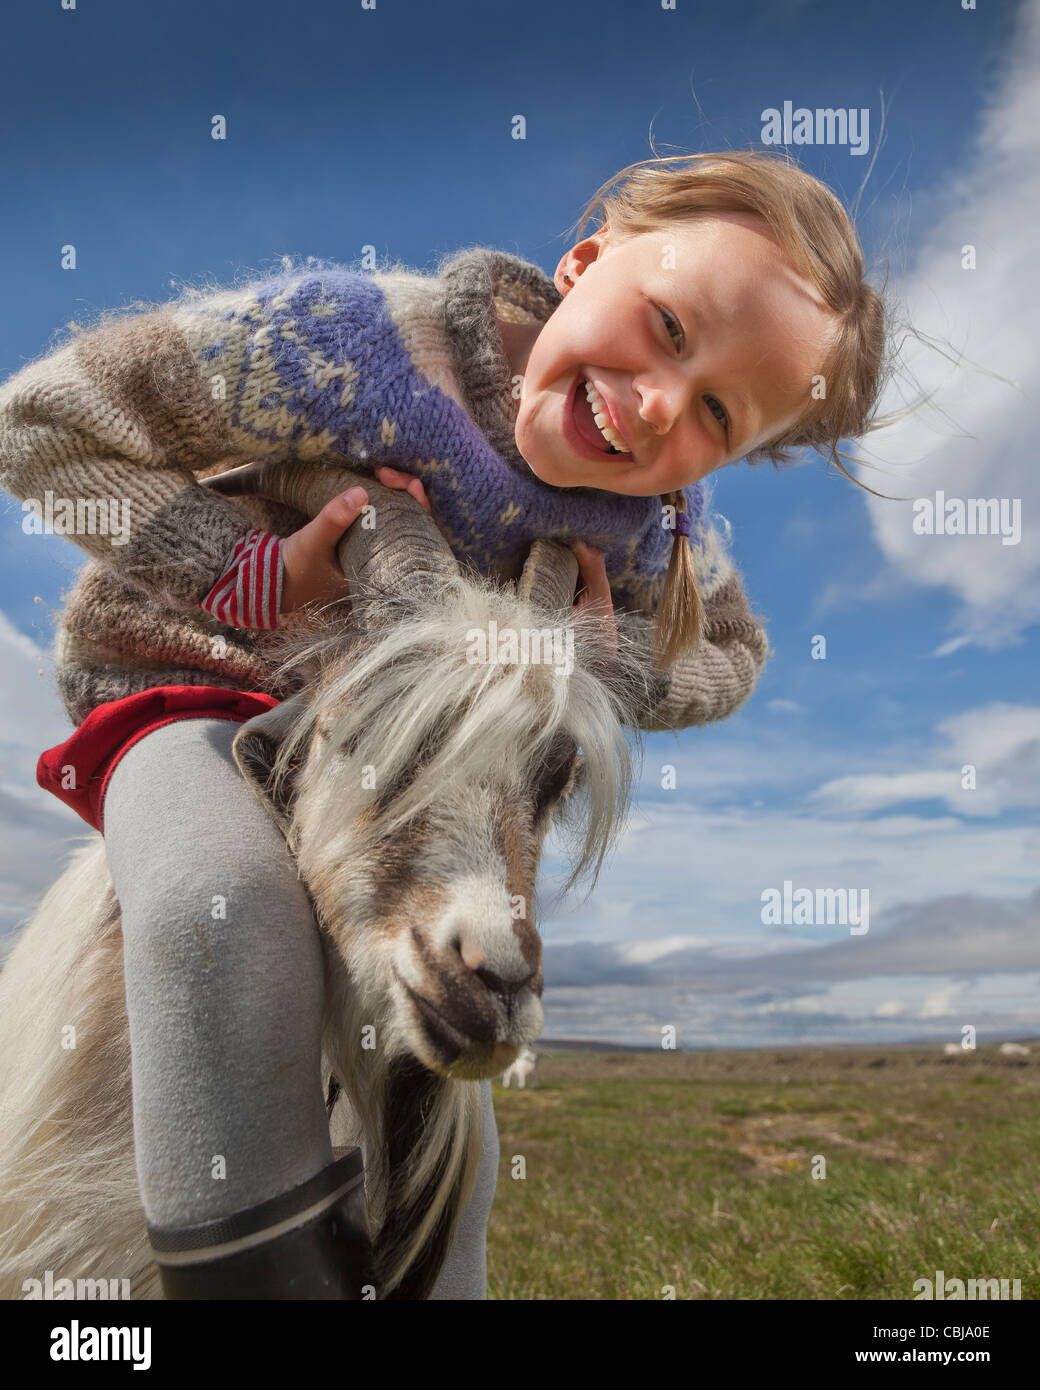 Fille avec chèvre, chèvre farm, Iceland Banque D'Images